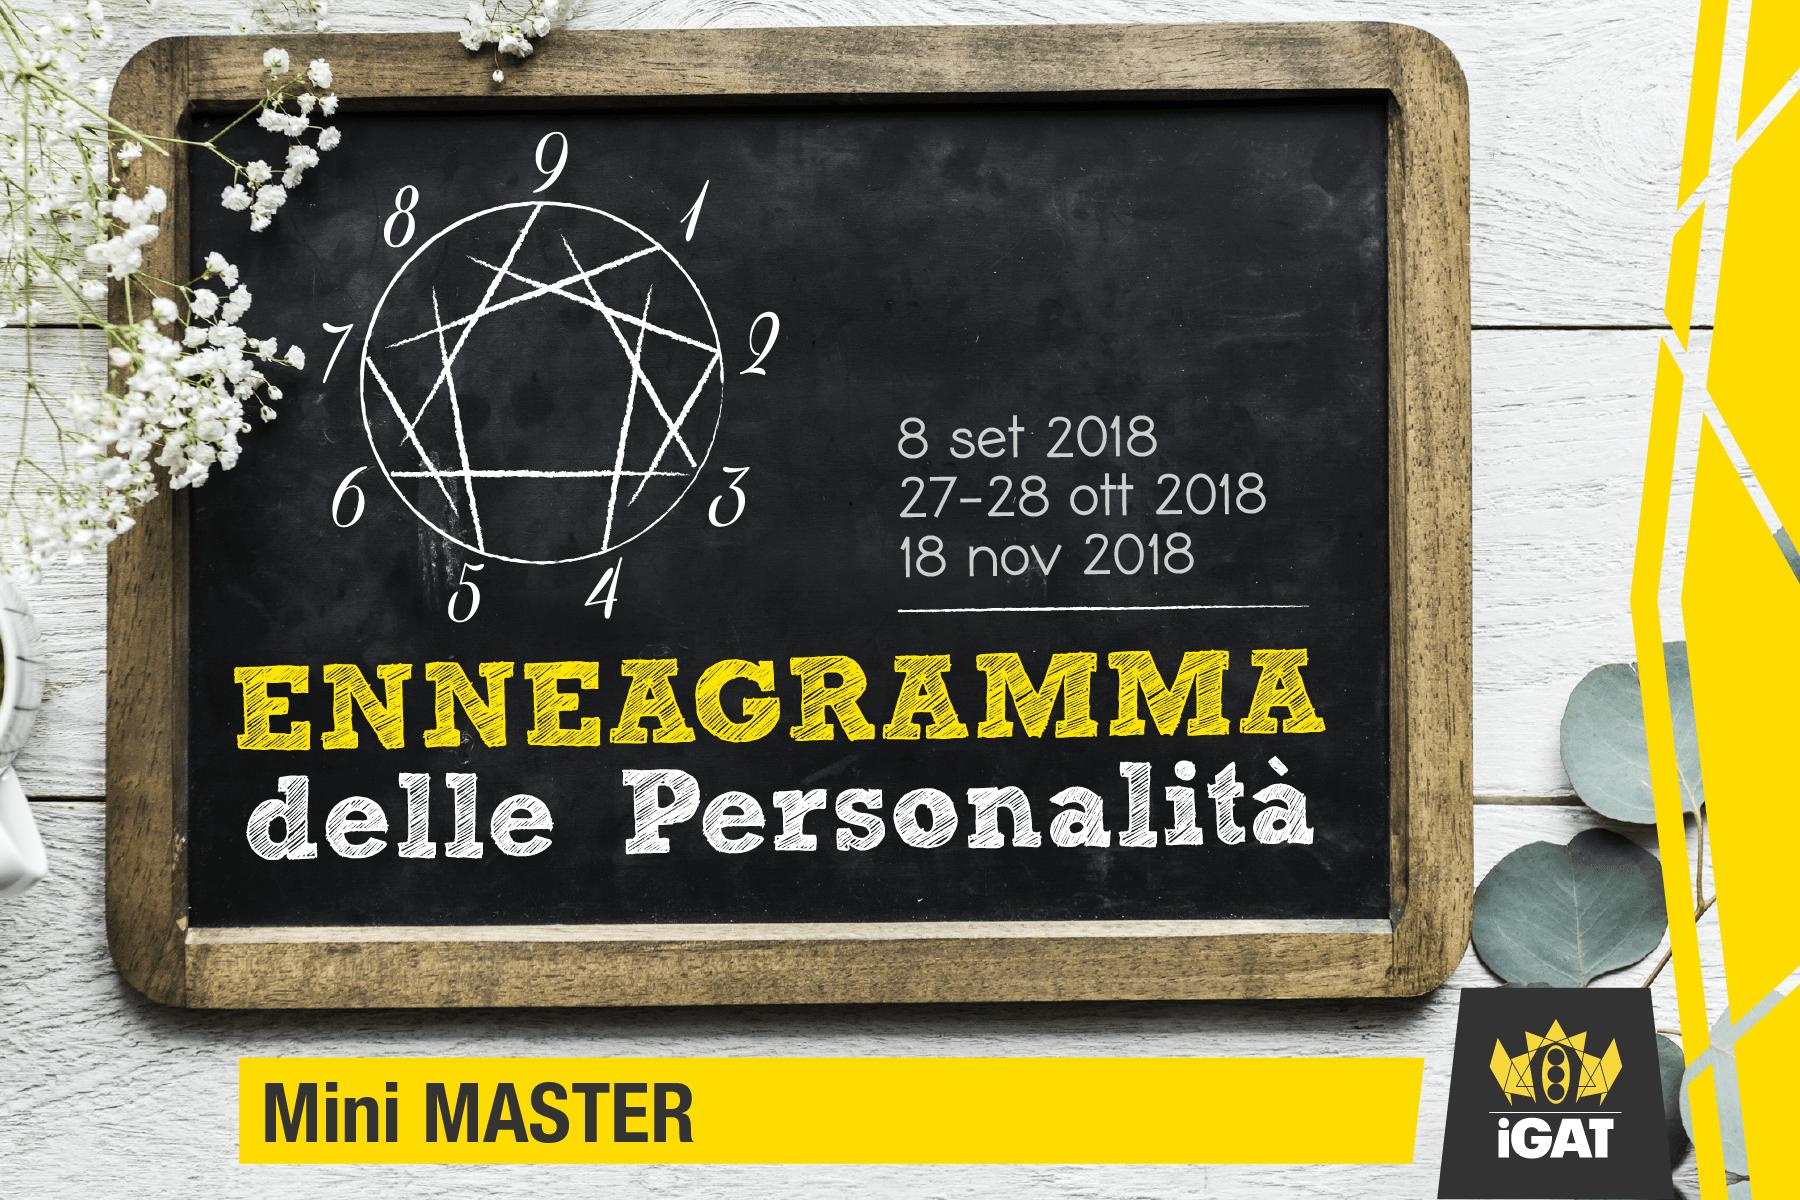 1800 Mini Master Enneagramma-min